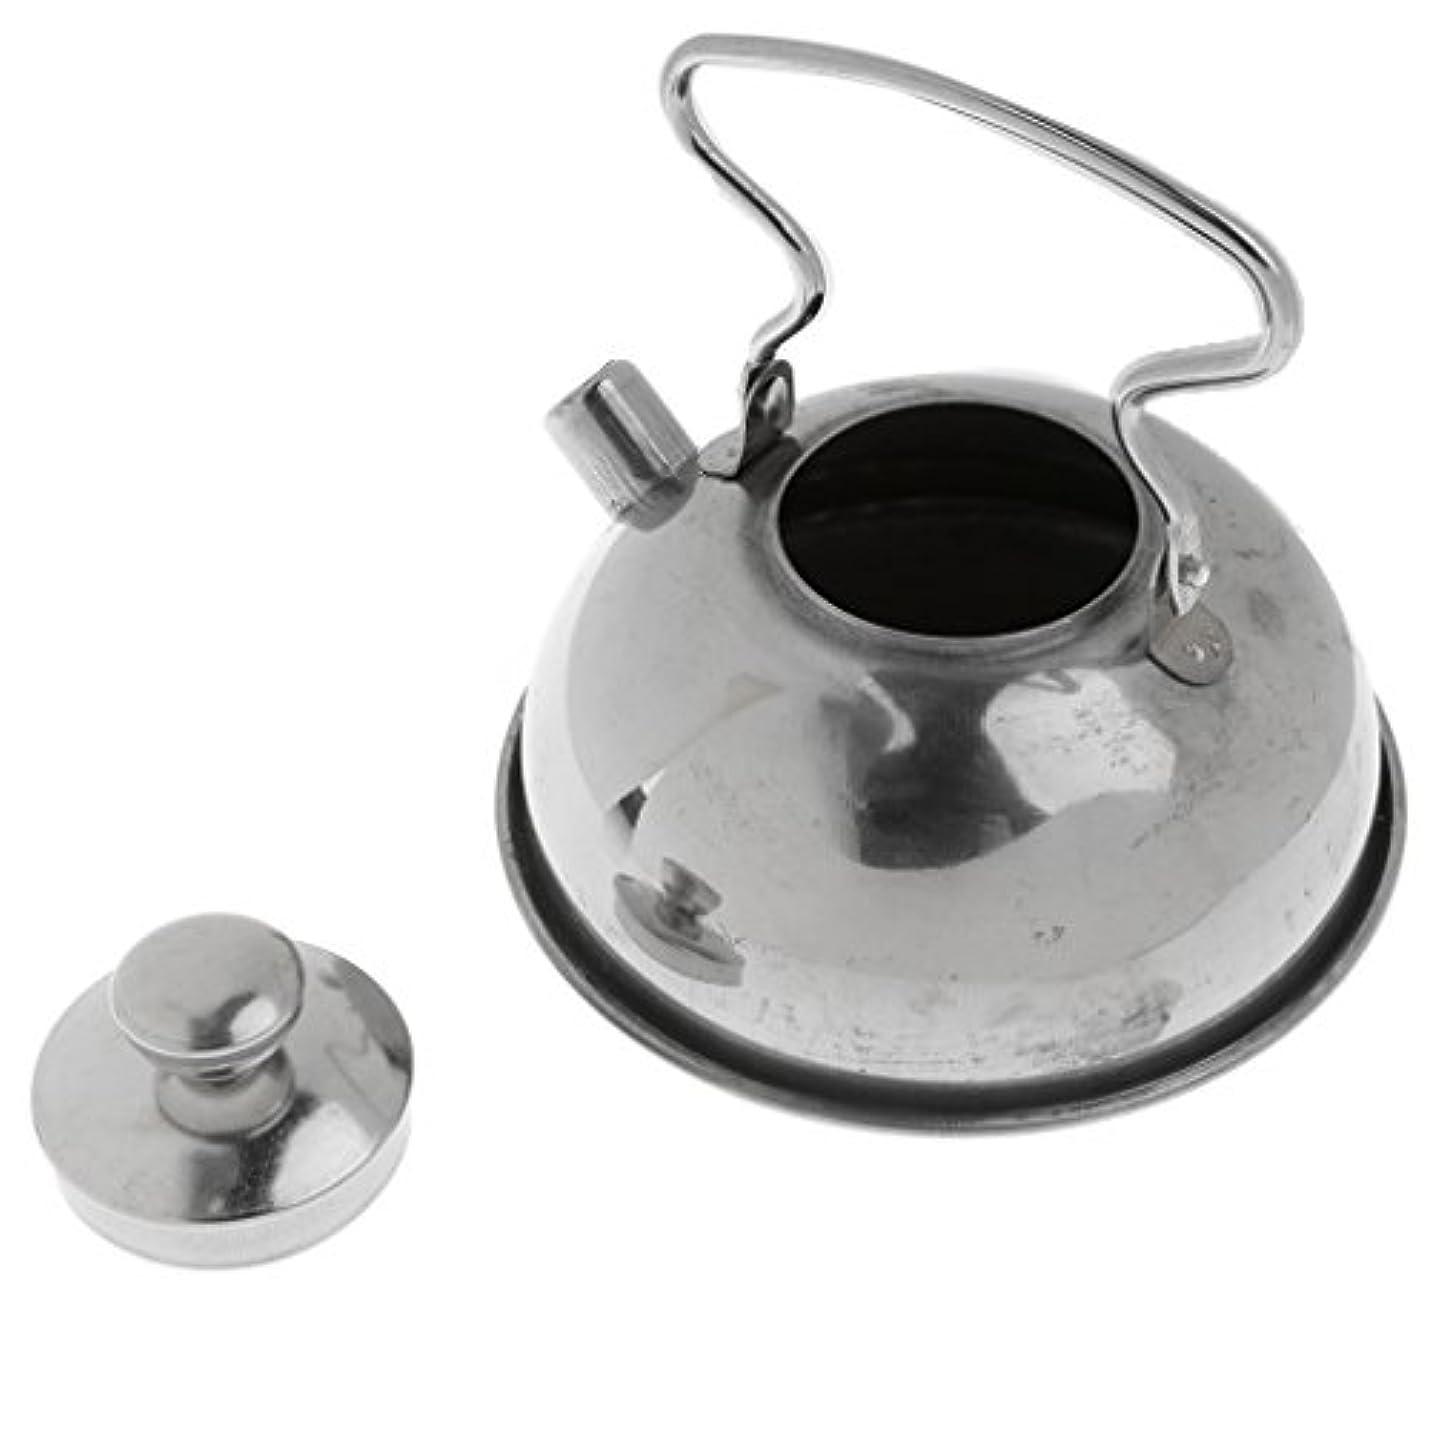 に向かってフィールドセラフToygogo キッズキッチンメタル調理器具、万能調理器具-コンロティーケトル